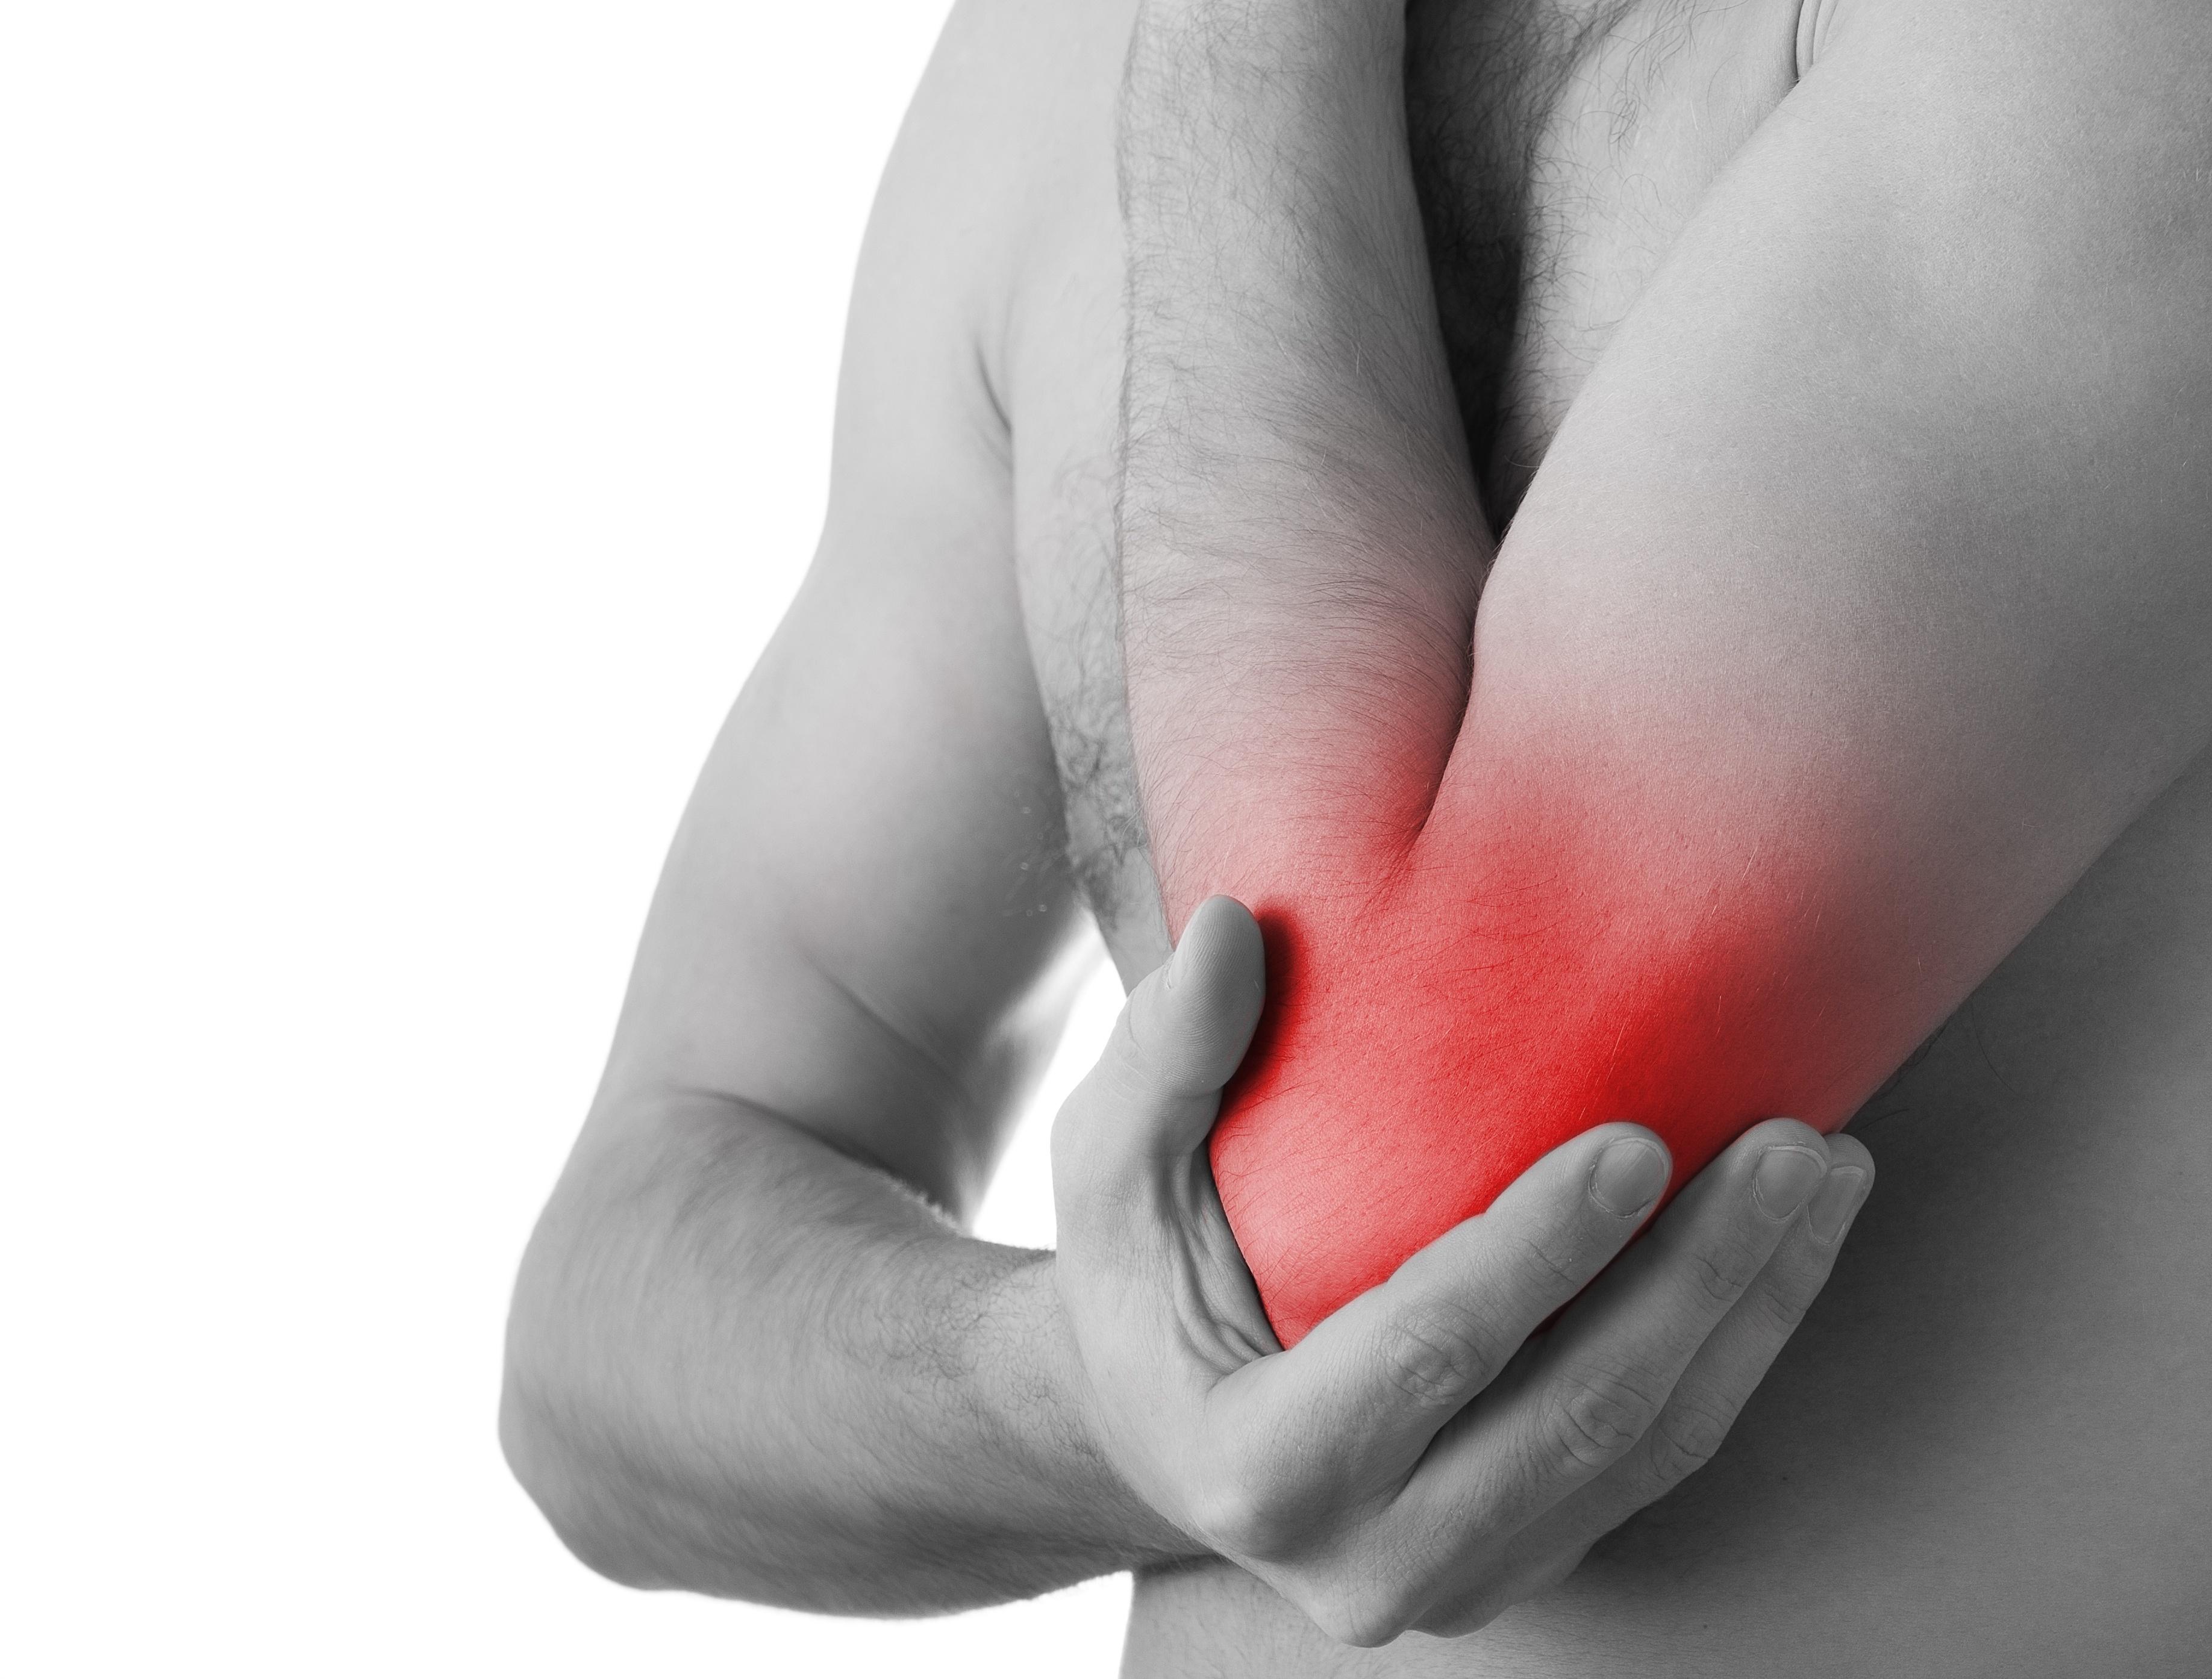 az ízületi fájdalmak legfontosabb gyógyszerei a boka ízületei fájnak a futball után